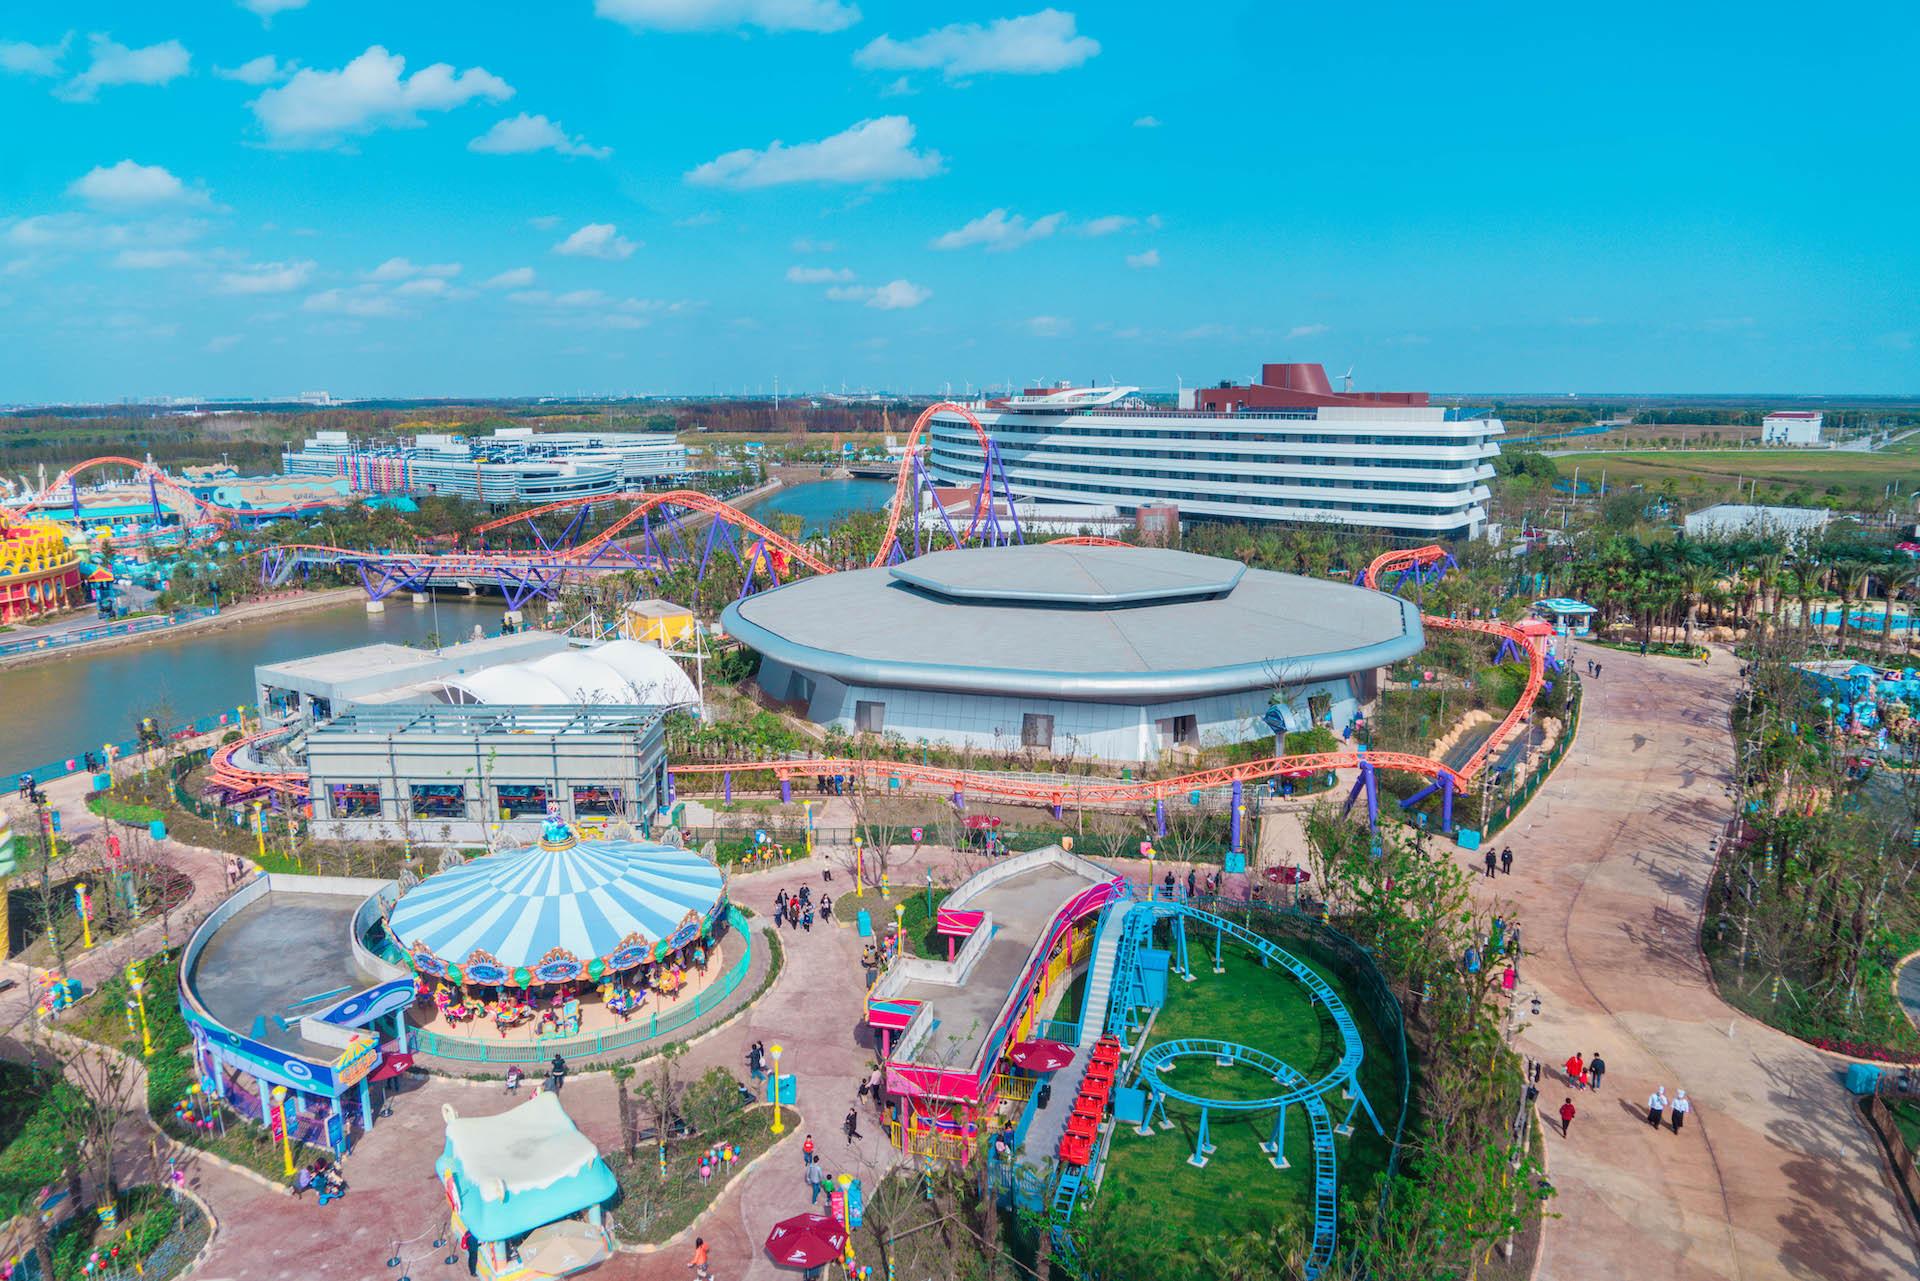 上海海昌海洋公园_上海最东,魔都梦幻海洋亲子乐园!玩转上海海昌海洋公园!_海底